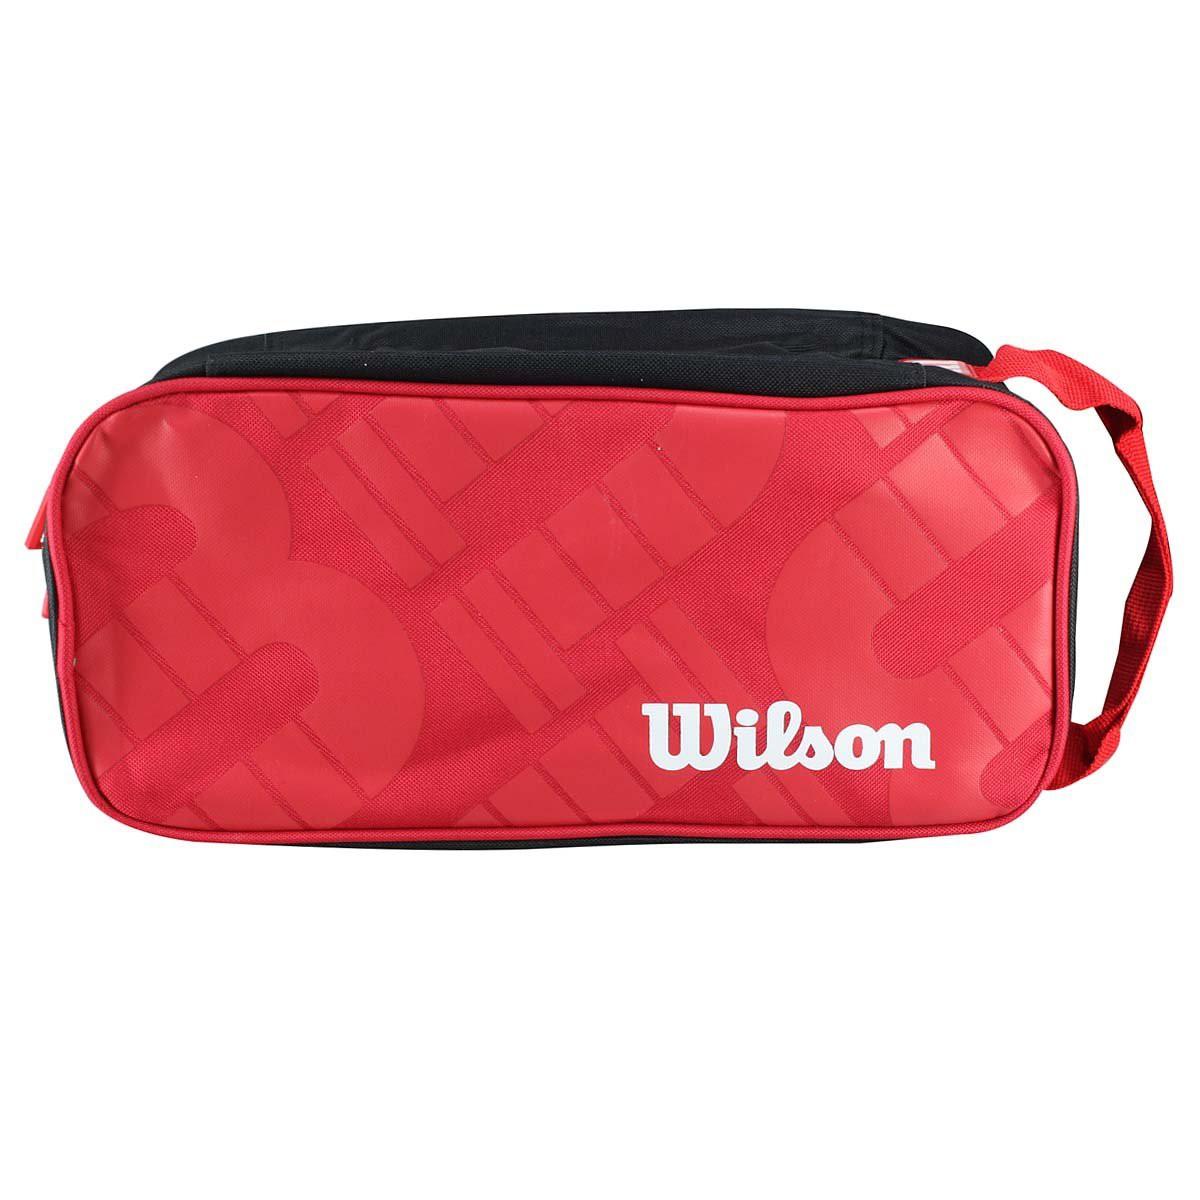 Porta Calçado Wilson Vermelho